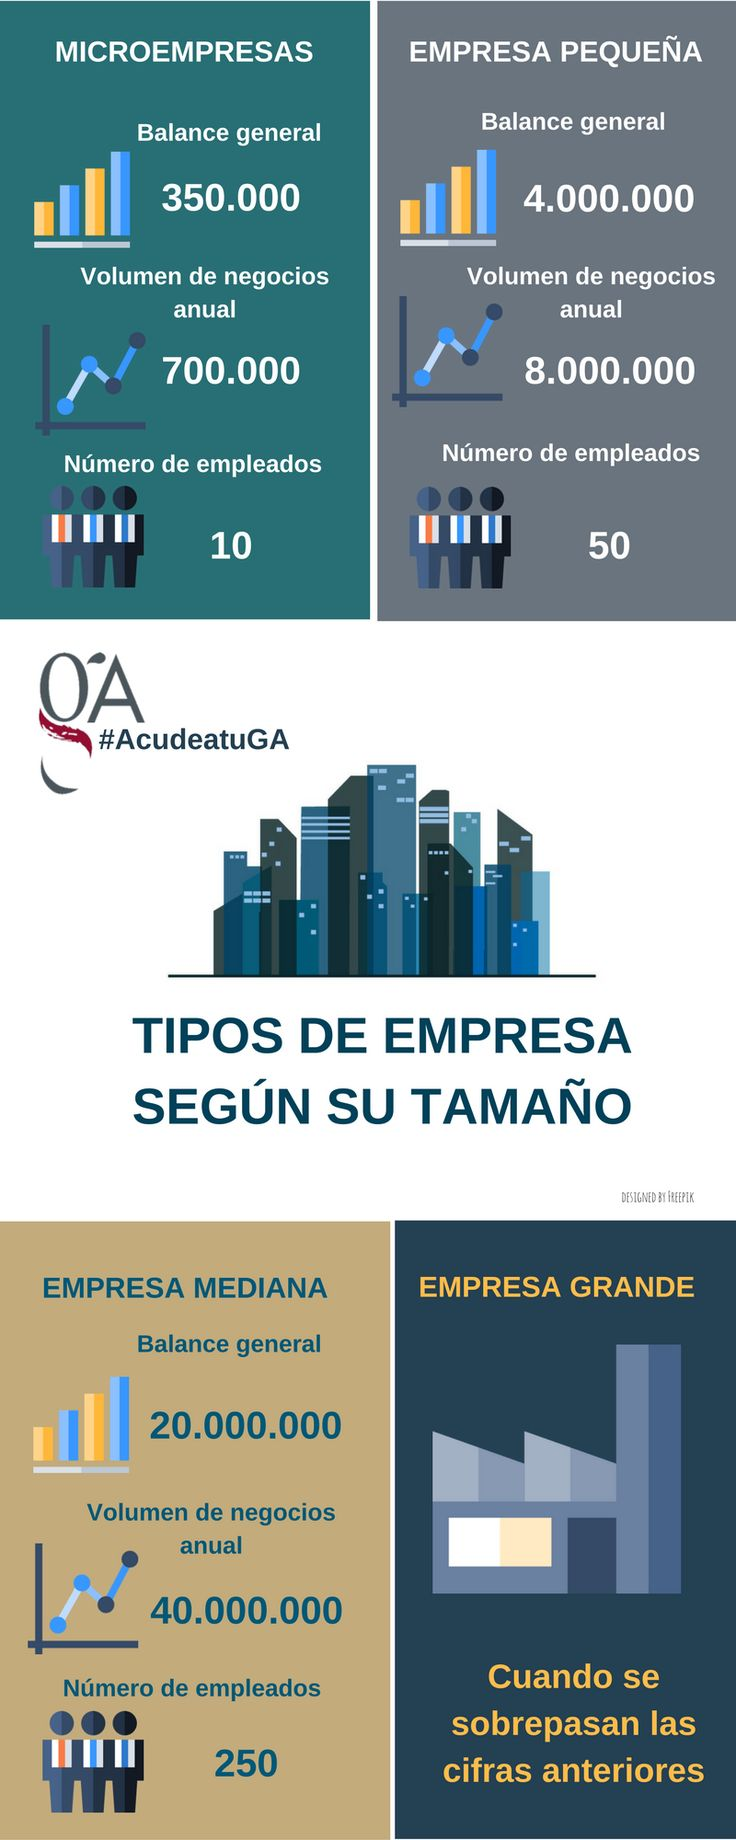 Tipos de empresa según su tamaño #infografías   gestores.net